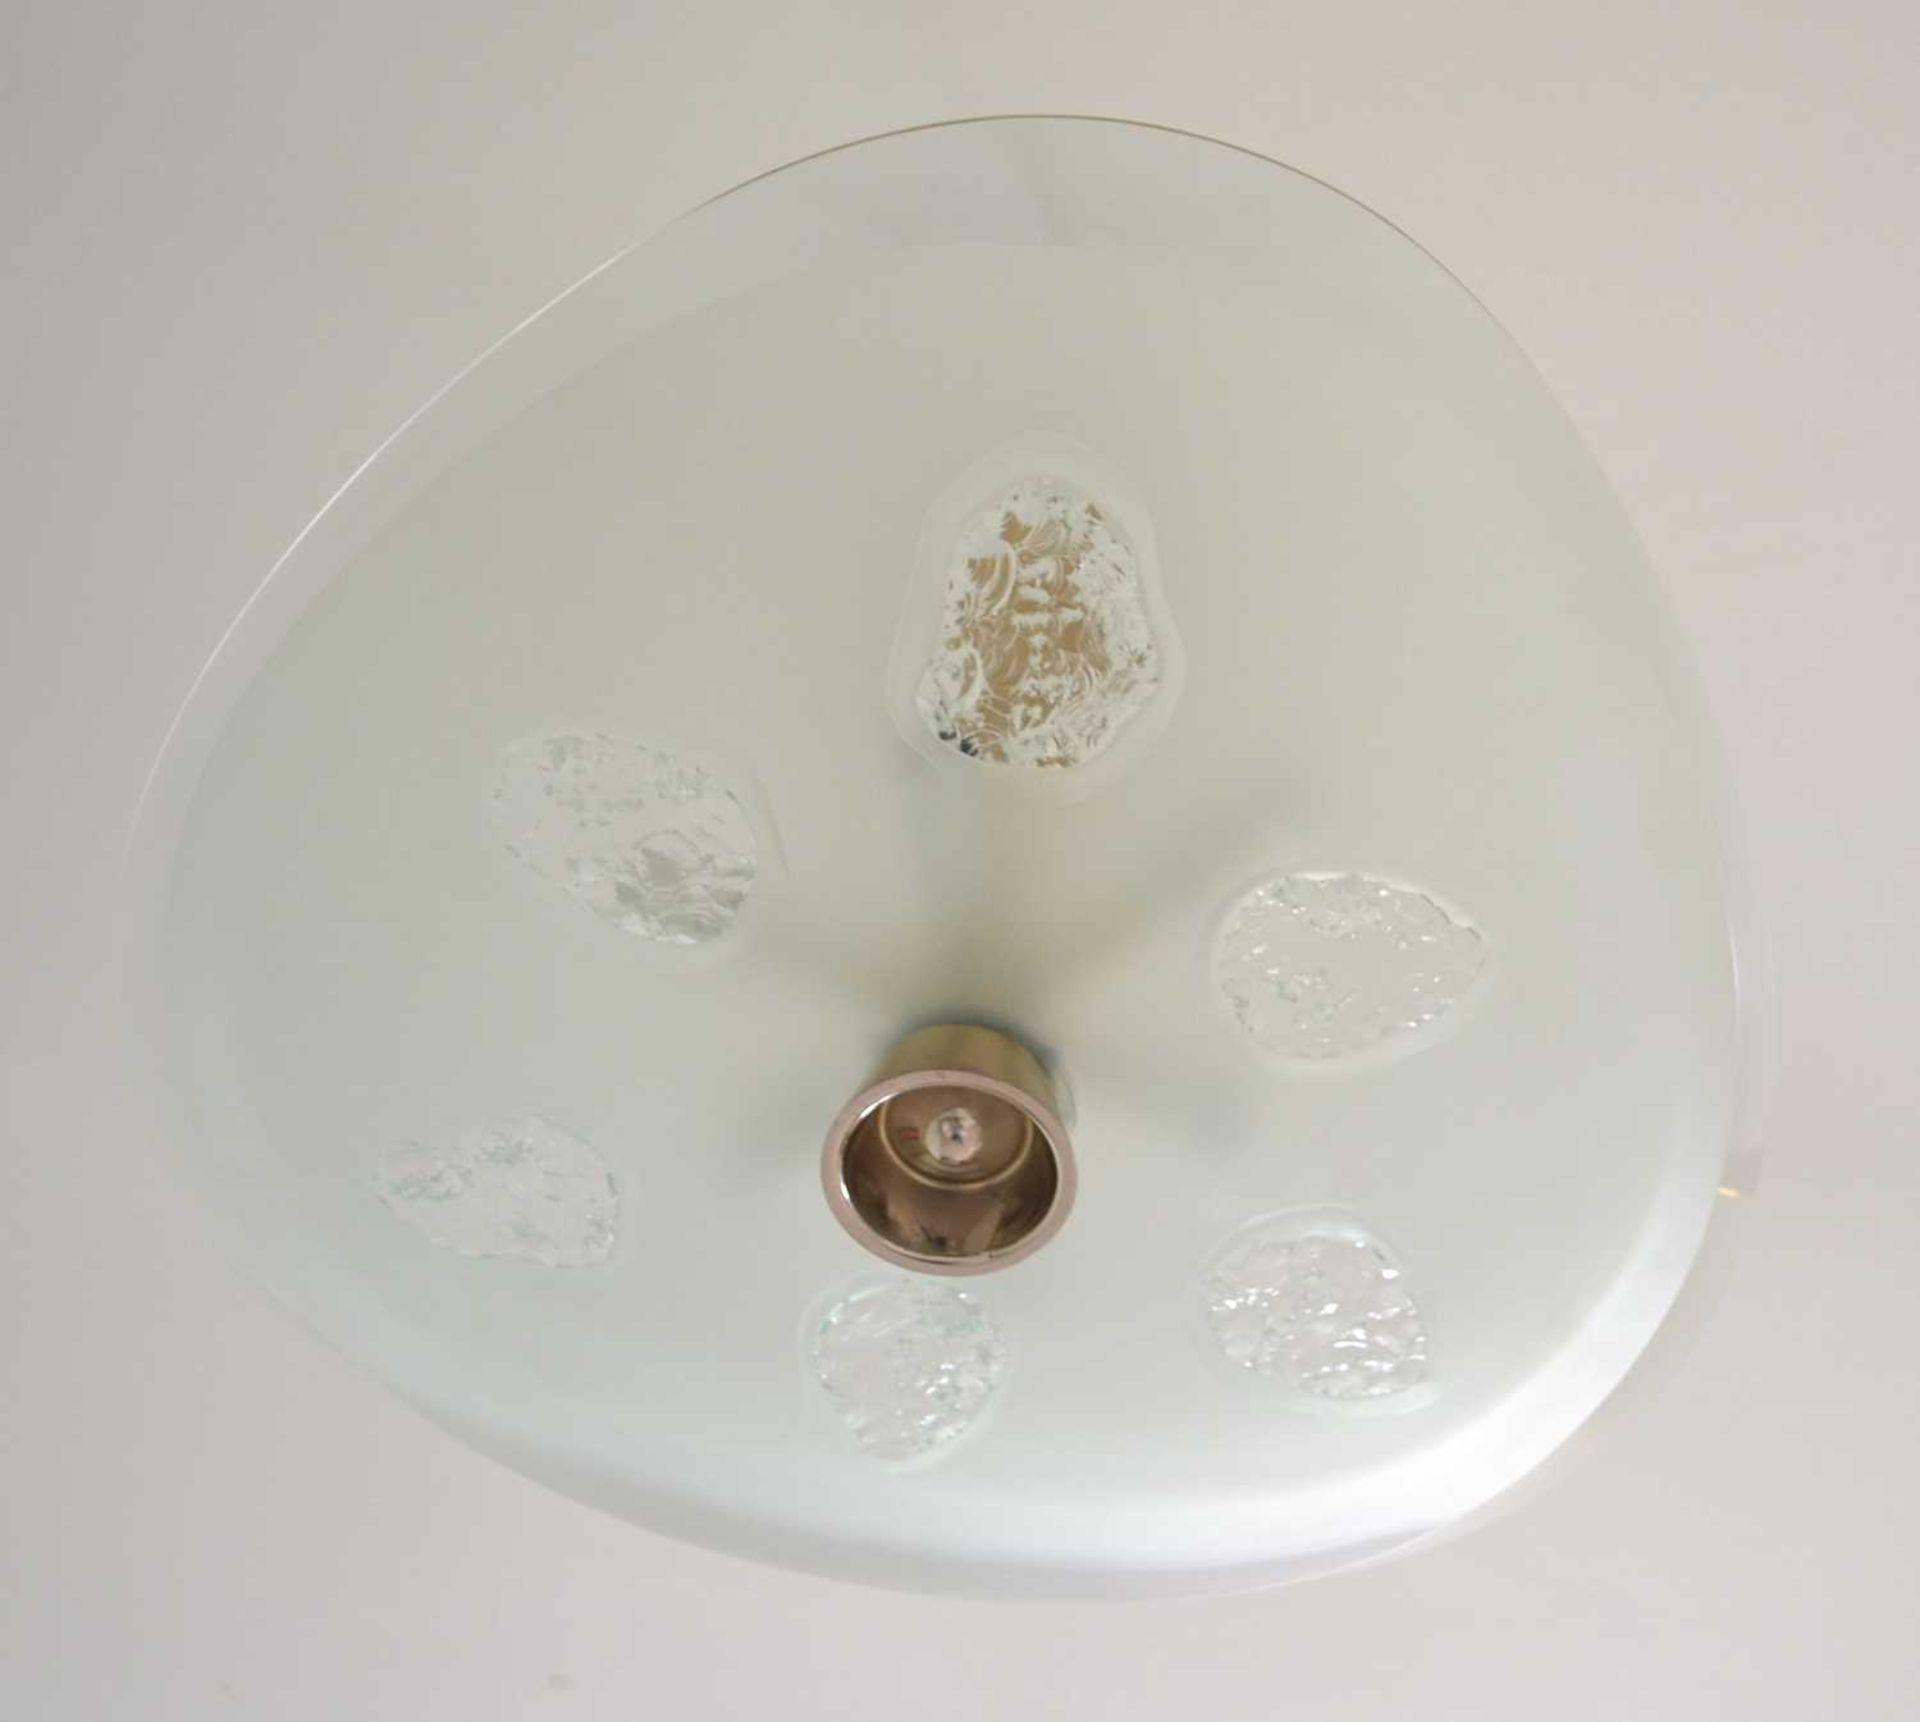 A Fontana Arte 'Model 1748' ceiling light, - Image 5 of 5